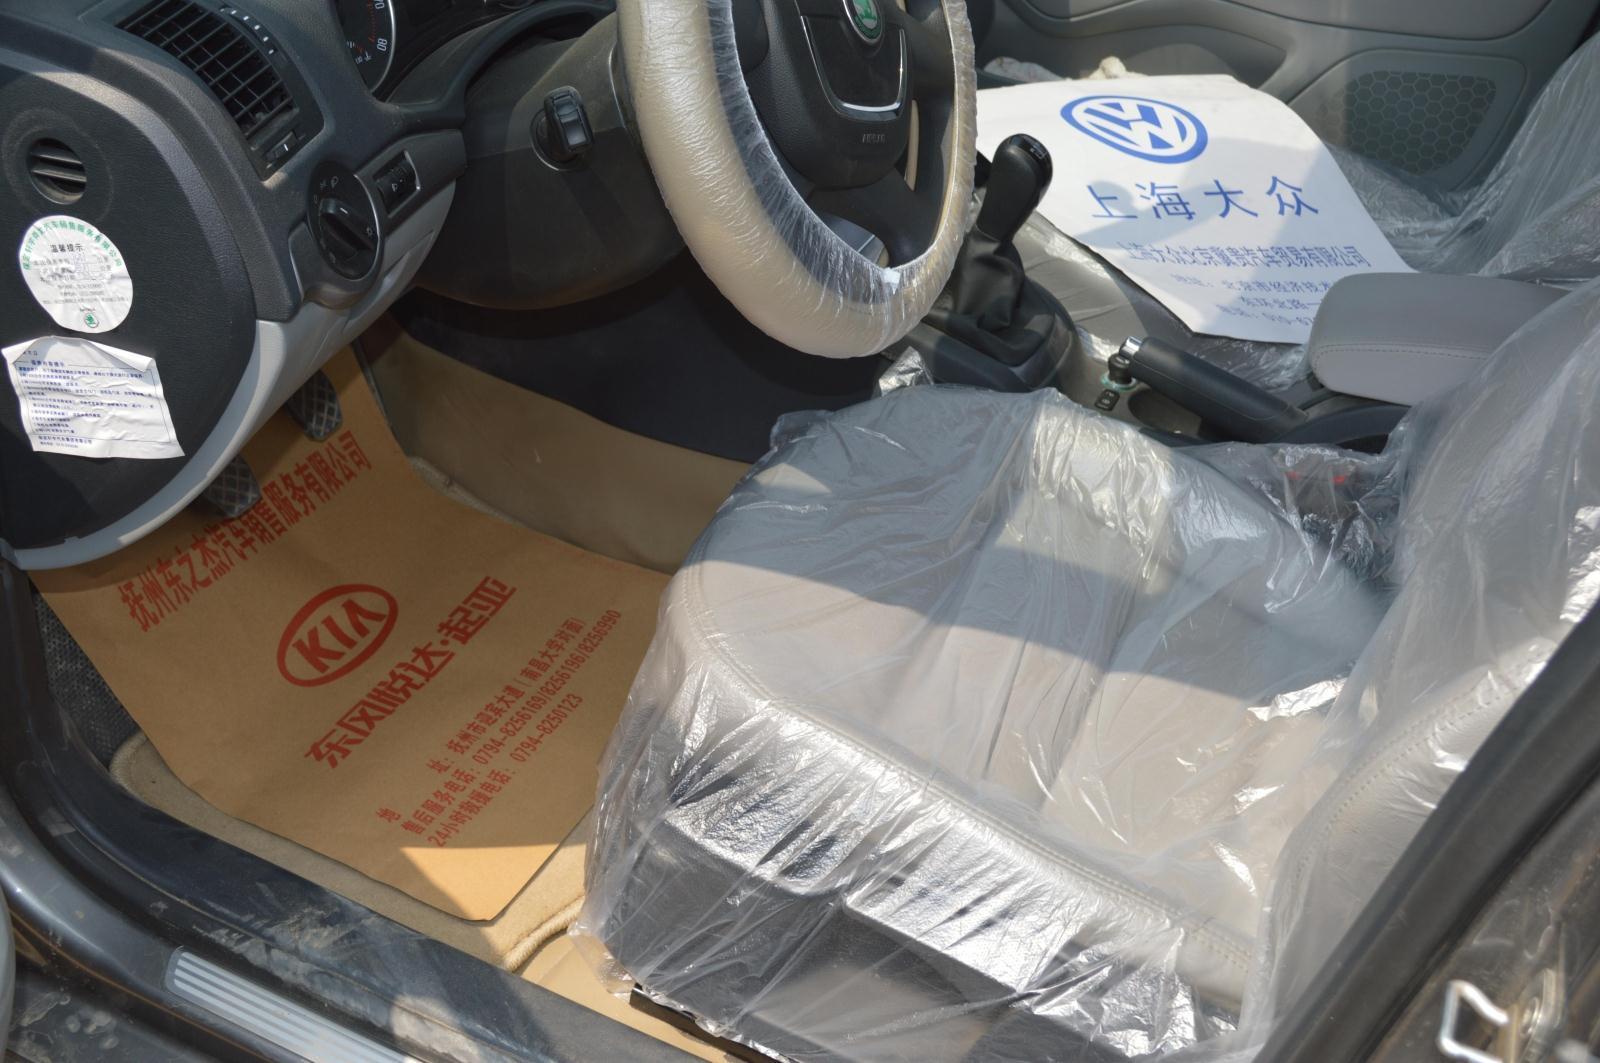 一次性汽车座套一次性座套保护套 清洁维修用品1000个座椅坐垫套